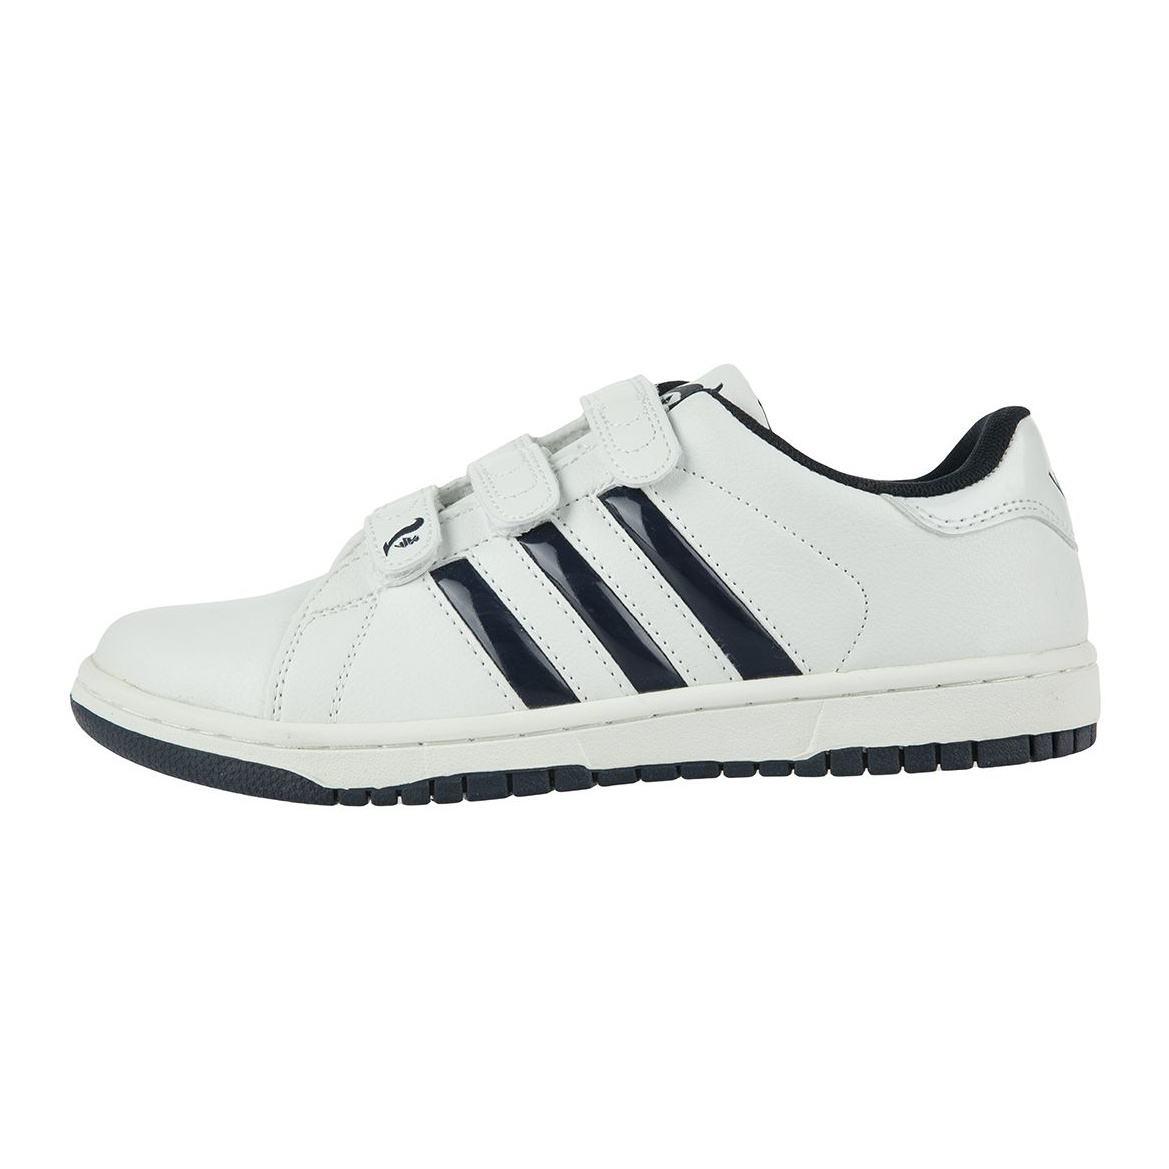 کفش مخصوص پیاده روی زنانه ویوا کد B3617 -  - 2